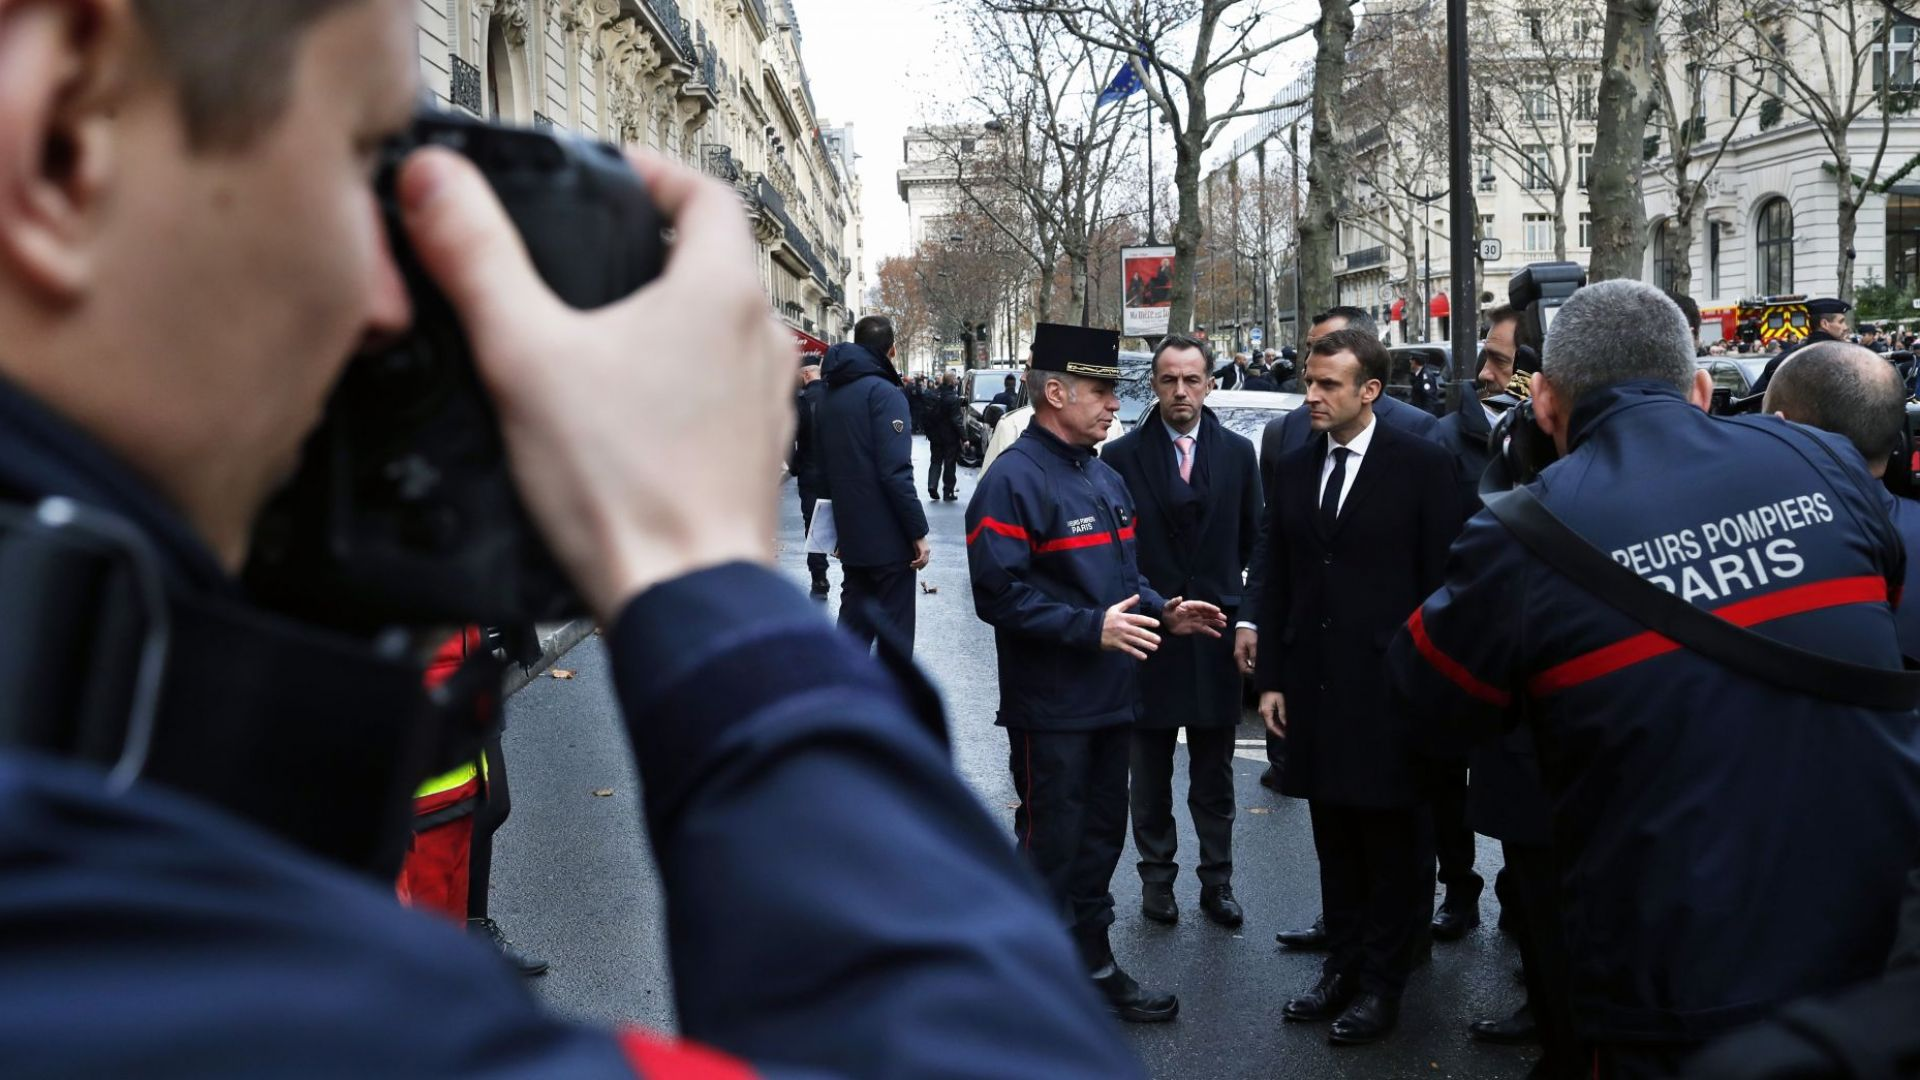 Макрон огледа щетите от безредиците в Париж, разбит е символ на Франция